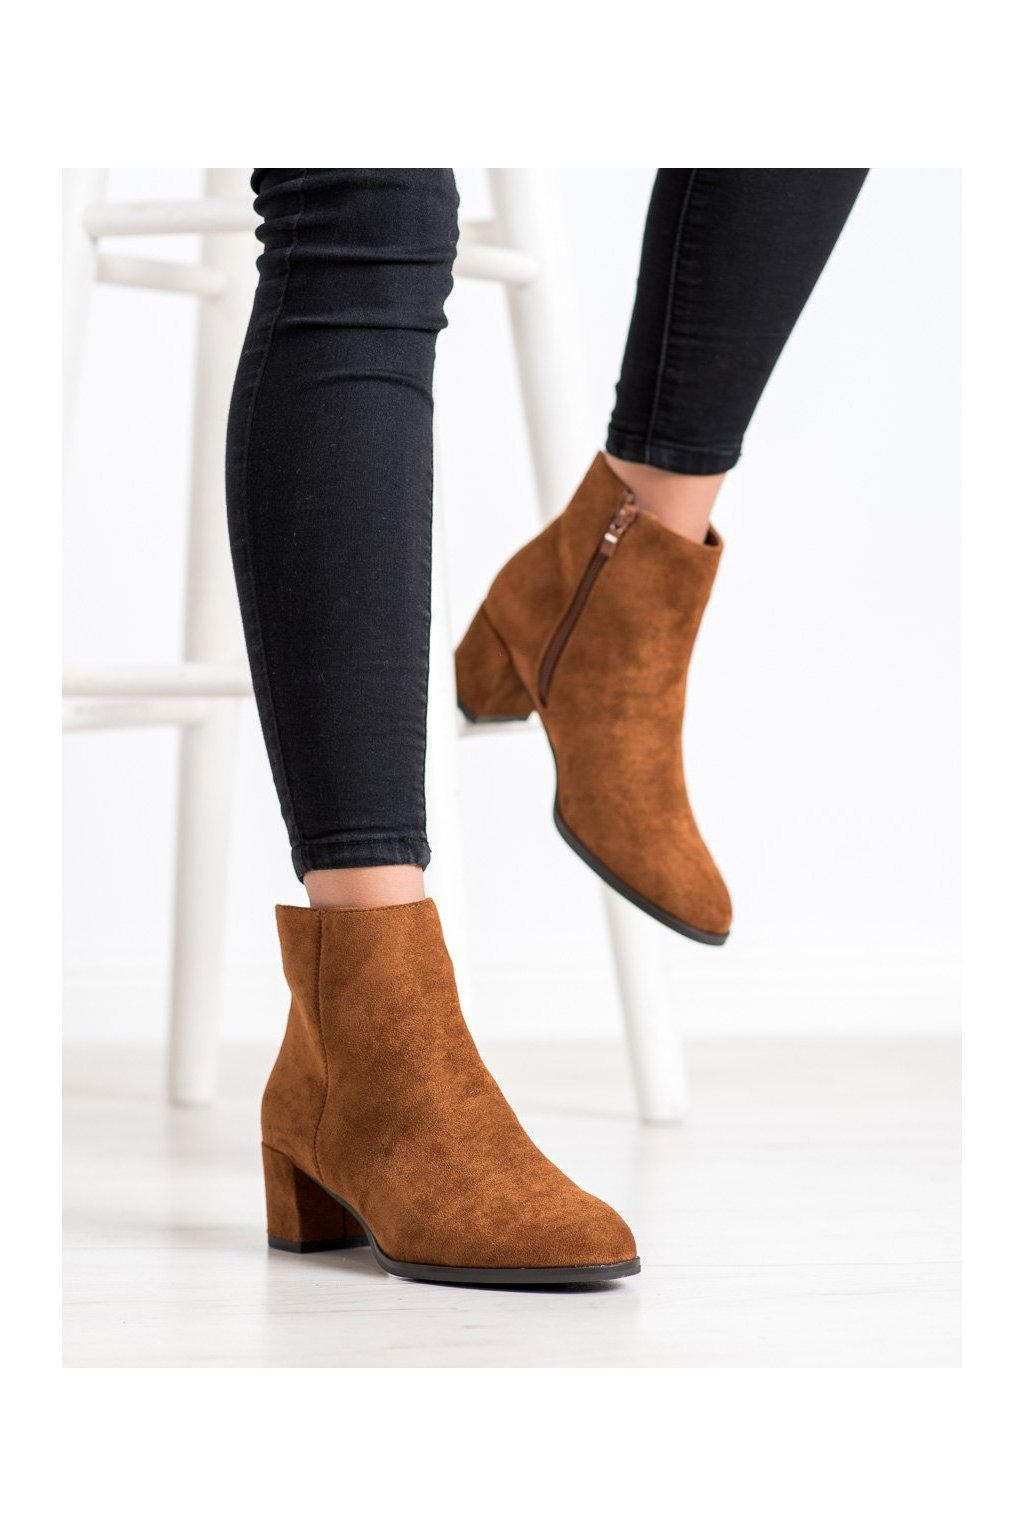 Hnedé dámske topánky Sergio leone kod BT528C